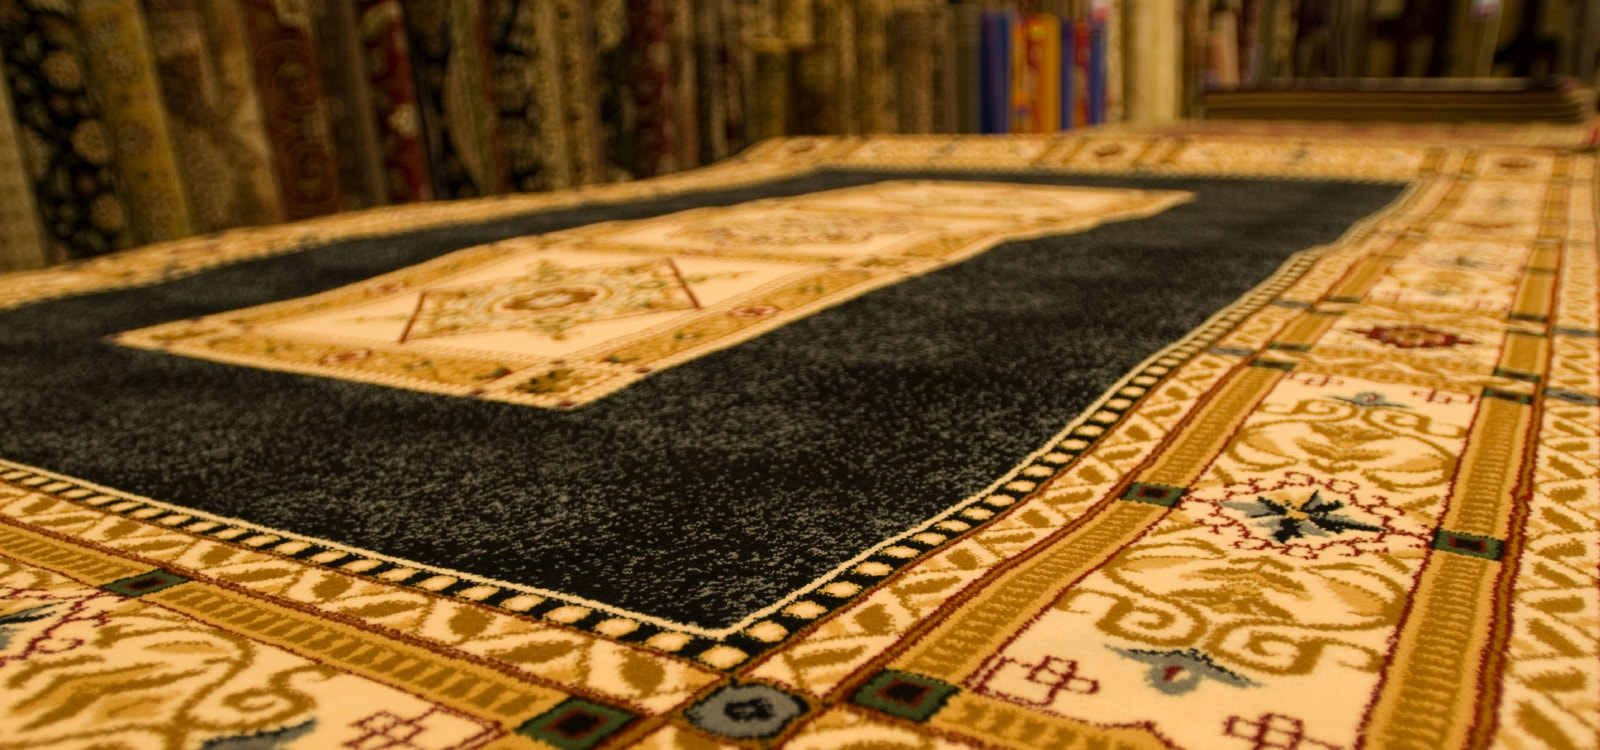 tapijt reinigen tapijten reinigen tapijt dieptereinigen tapijt desinfecteren tapijt urine. Black Bedroom Furniture Sets. Home Design Ideas